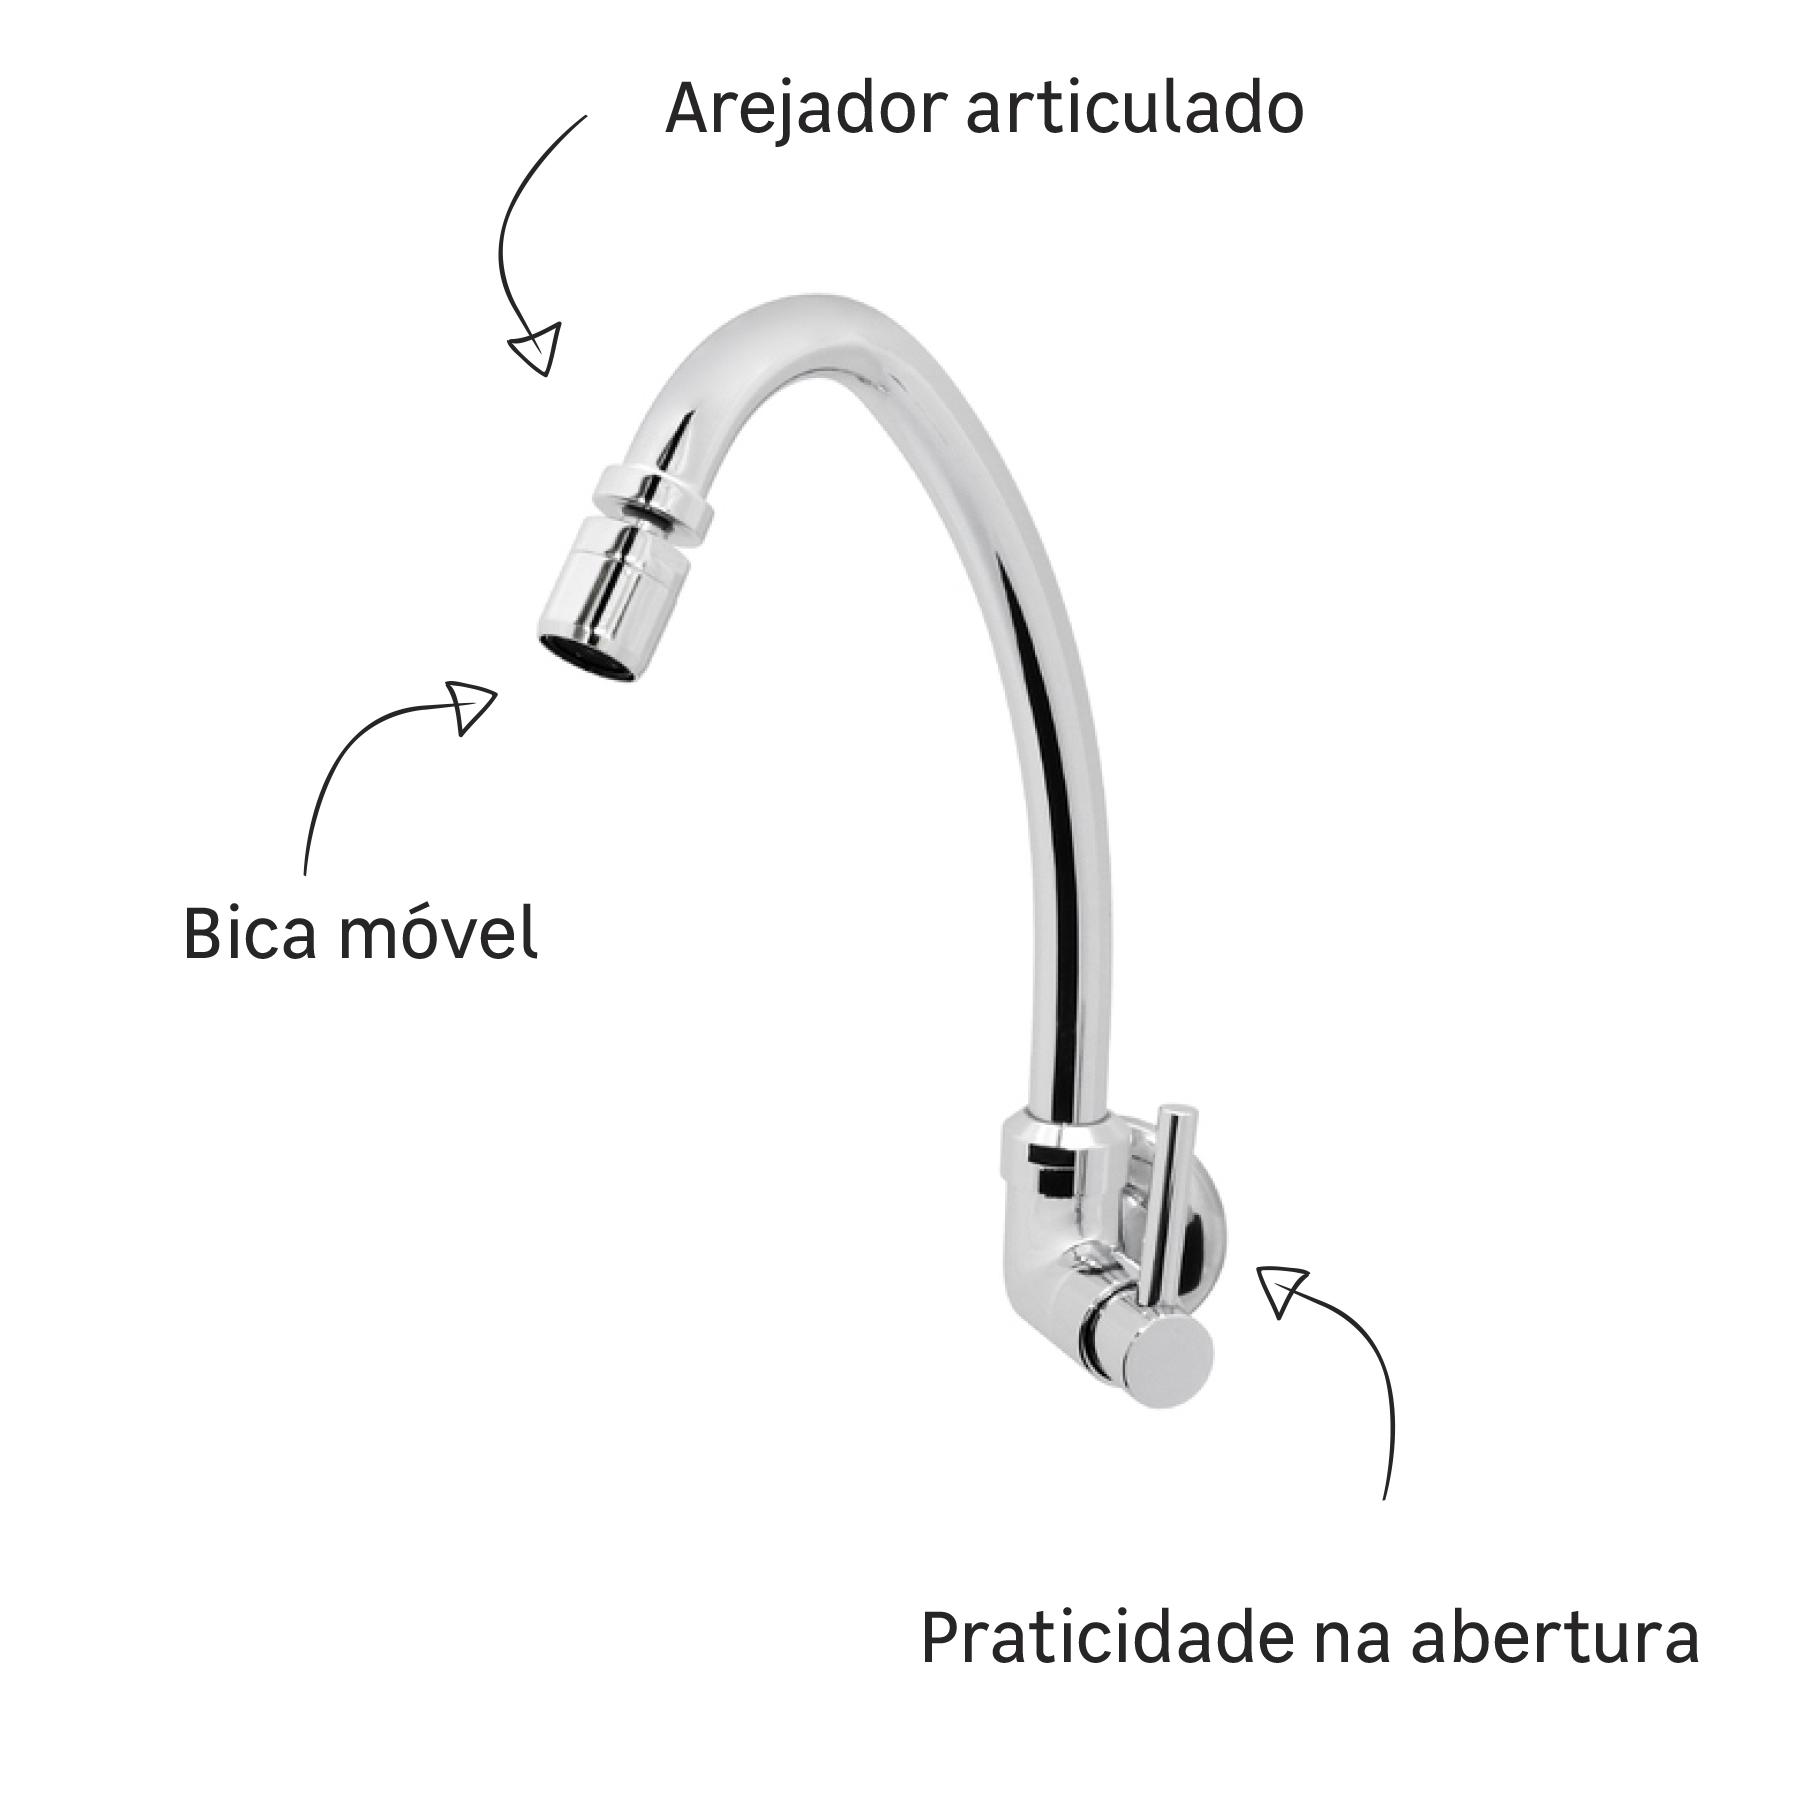 998e00e47 torneira_para_parede_de_cozinha_niteroi_delinia__89315345_94ec_original.jpg